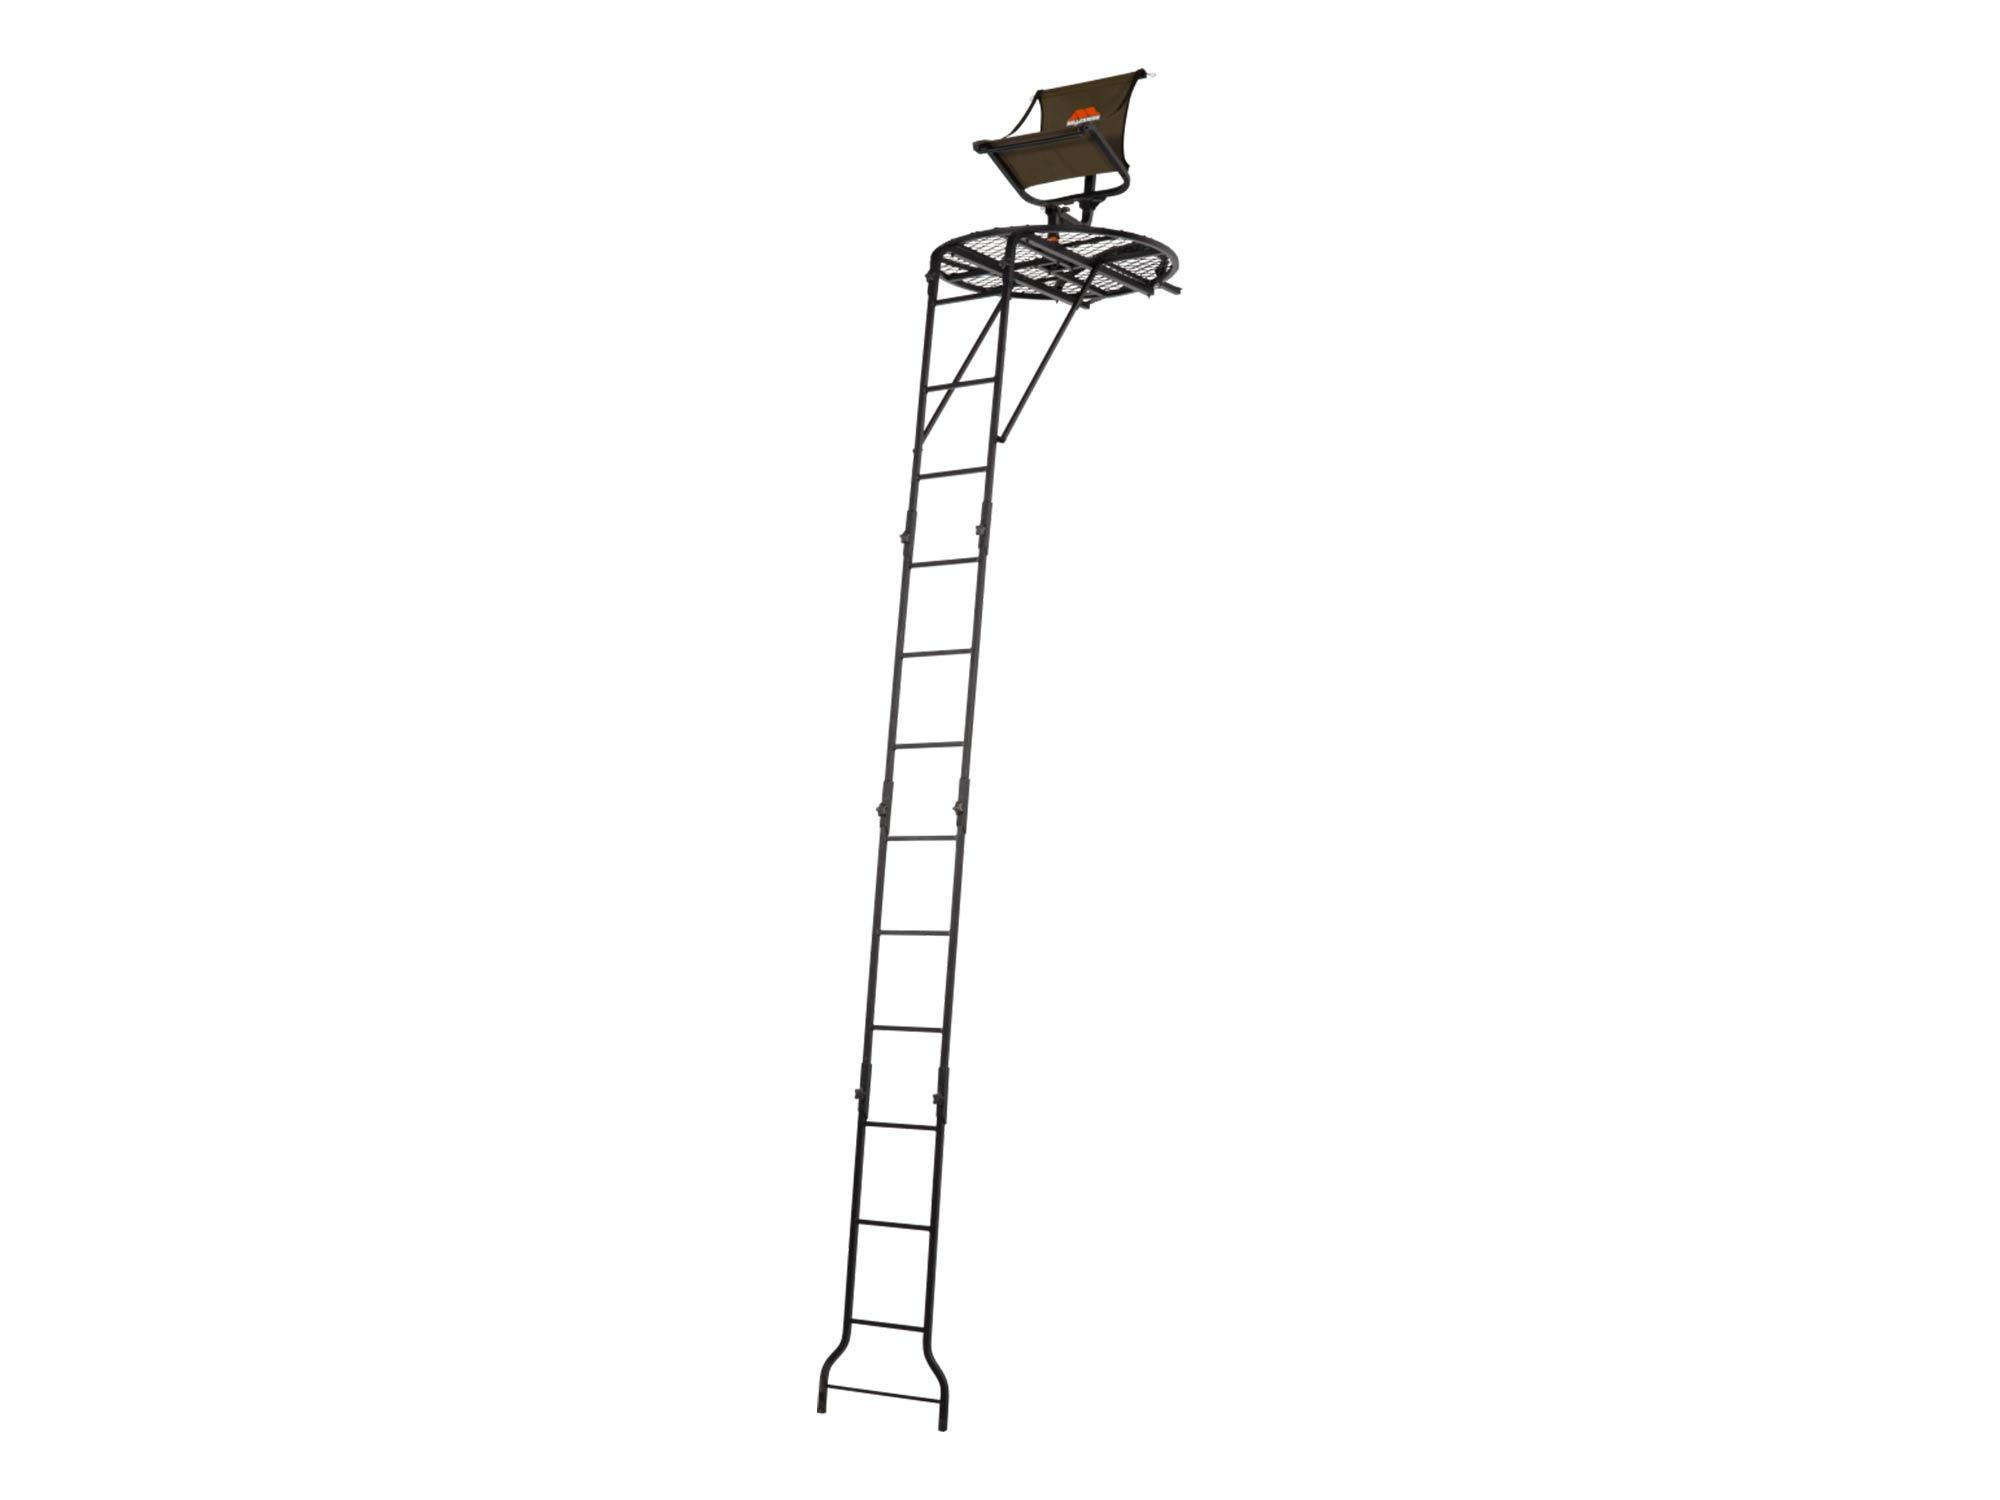 Millennium L366 Revolution Ladder Stand